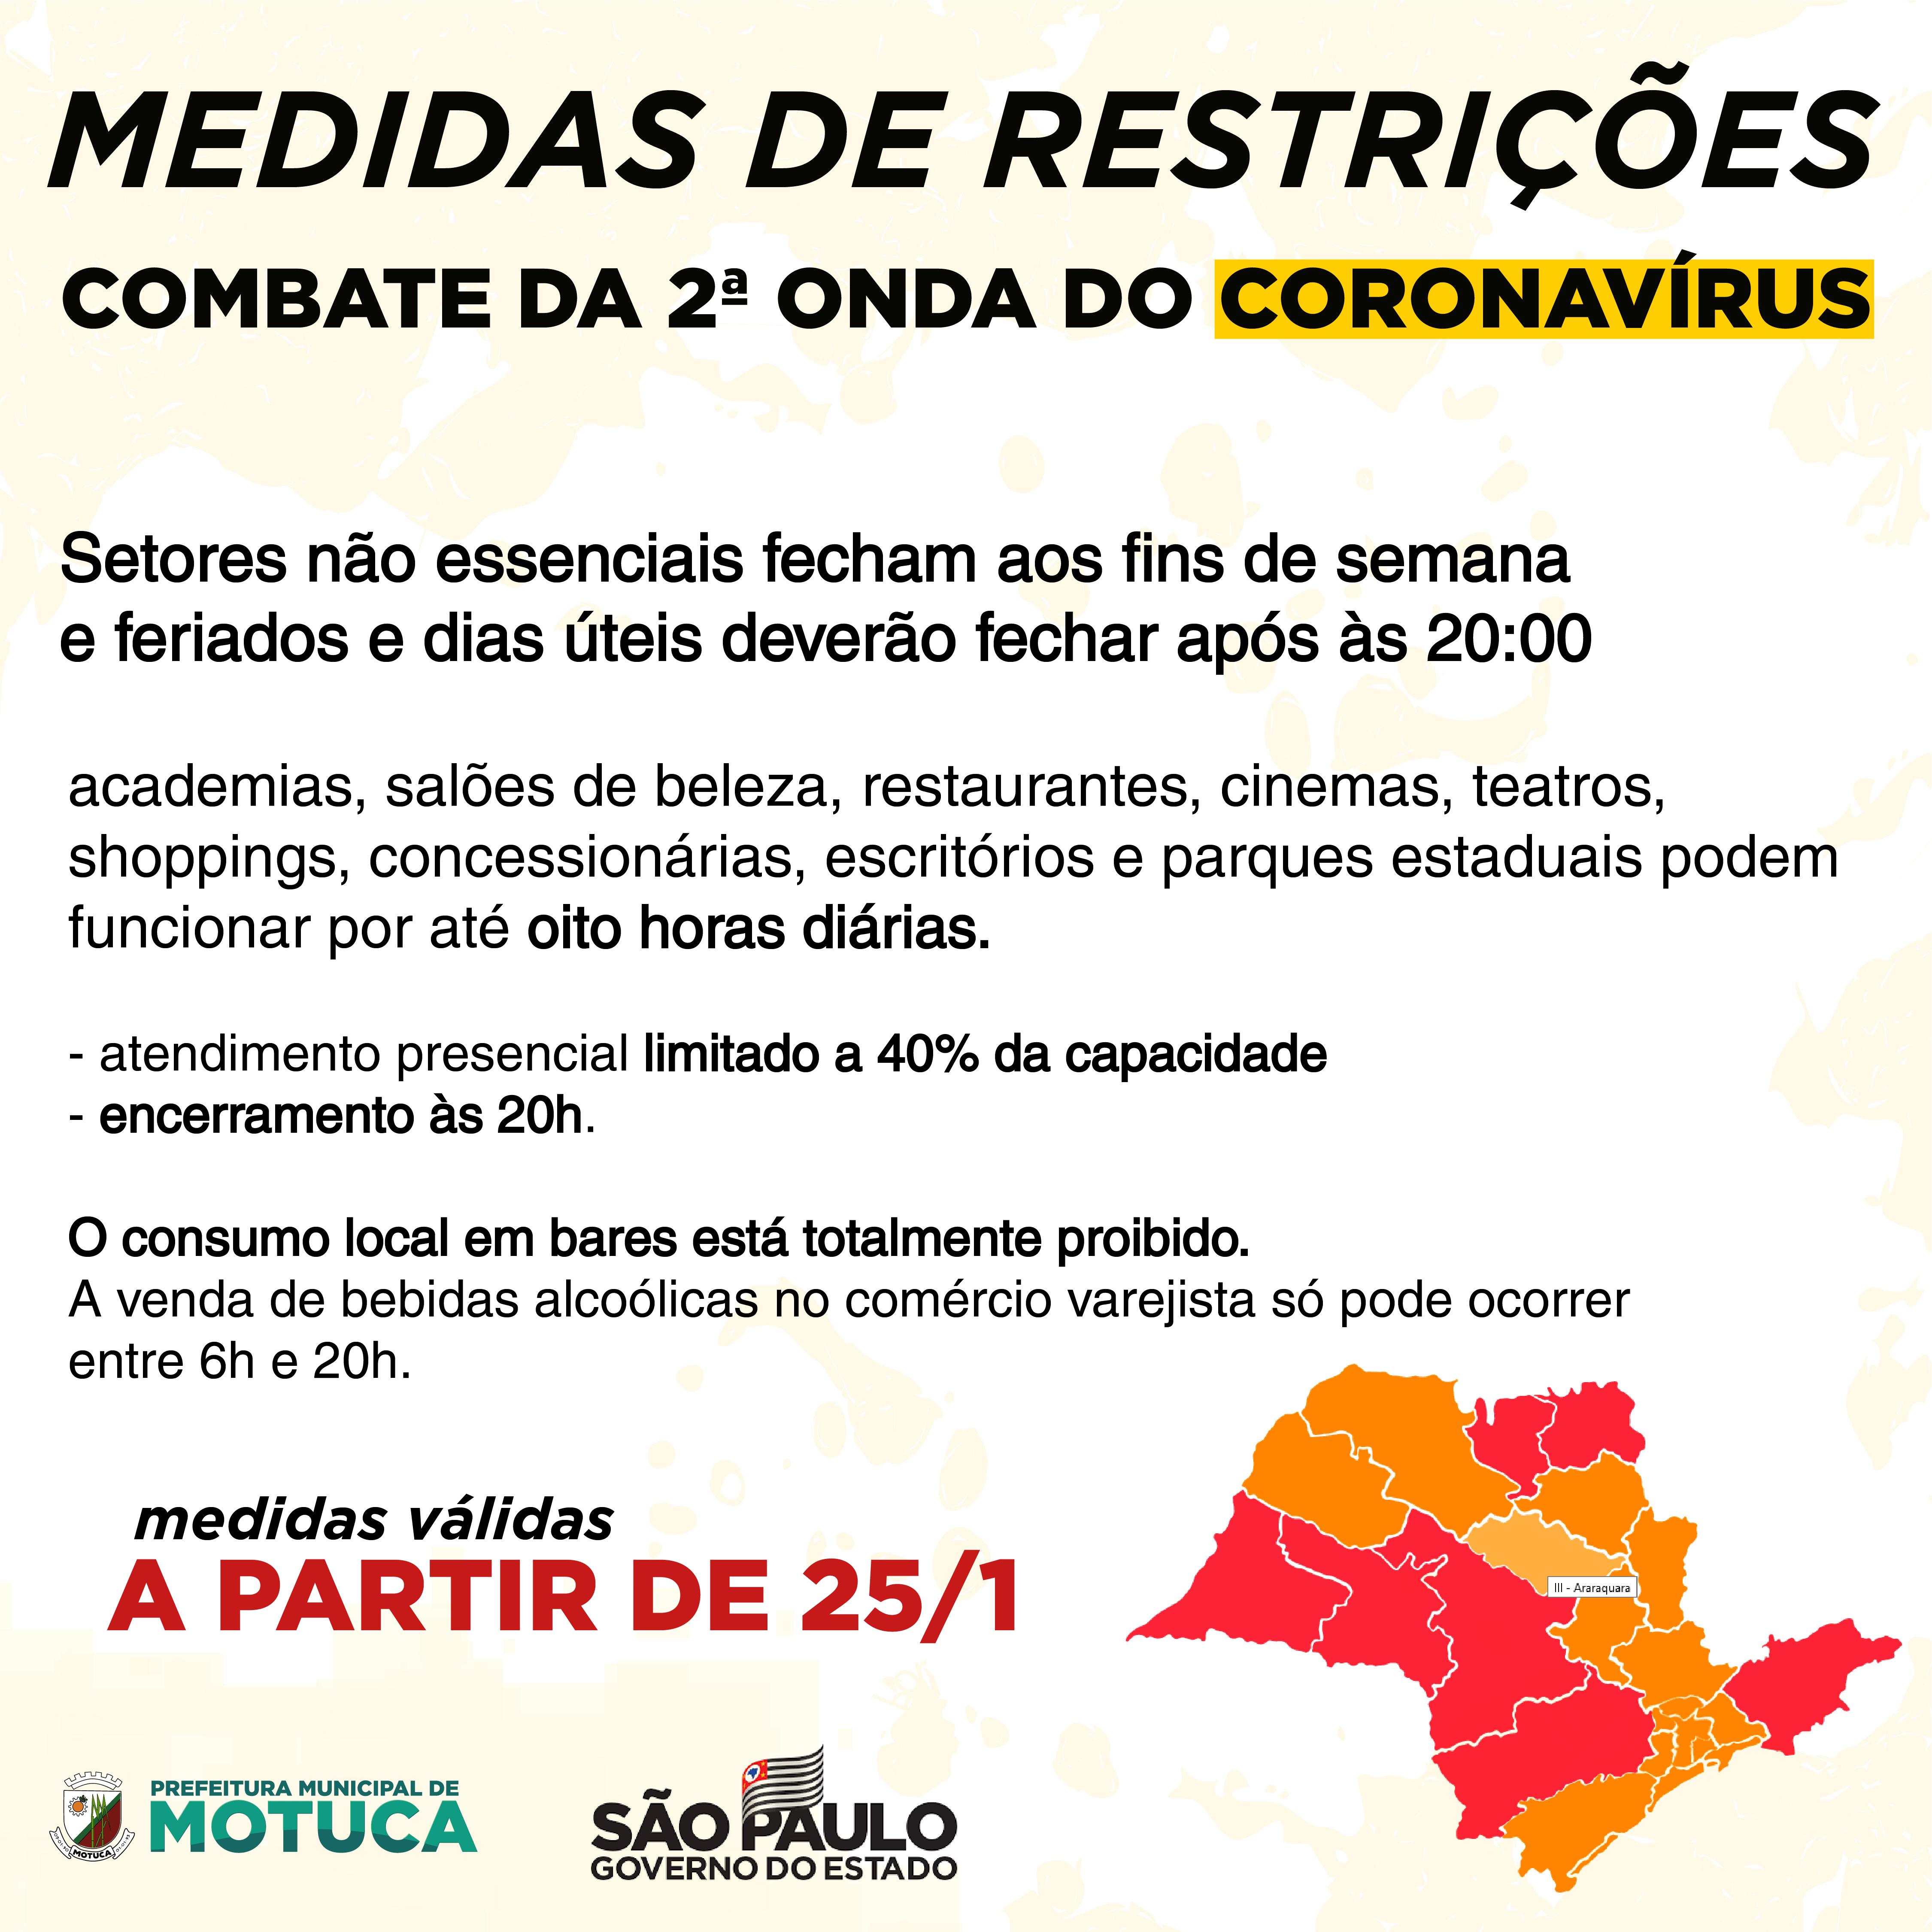 http://motuca.sp.gov.br/gerenciador/images/noticia/ace9e84d4b11fe39a4e5cb35a59a2008.png